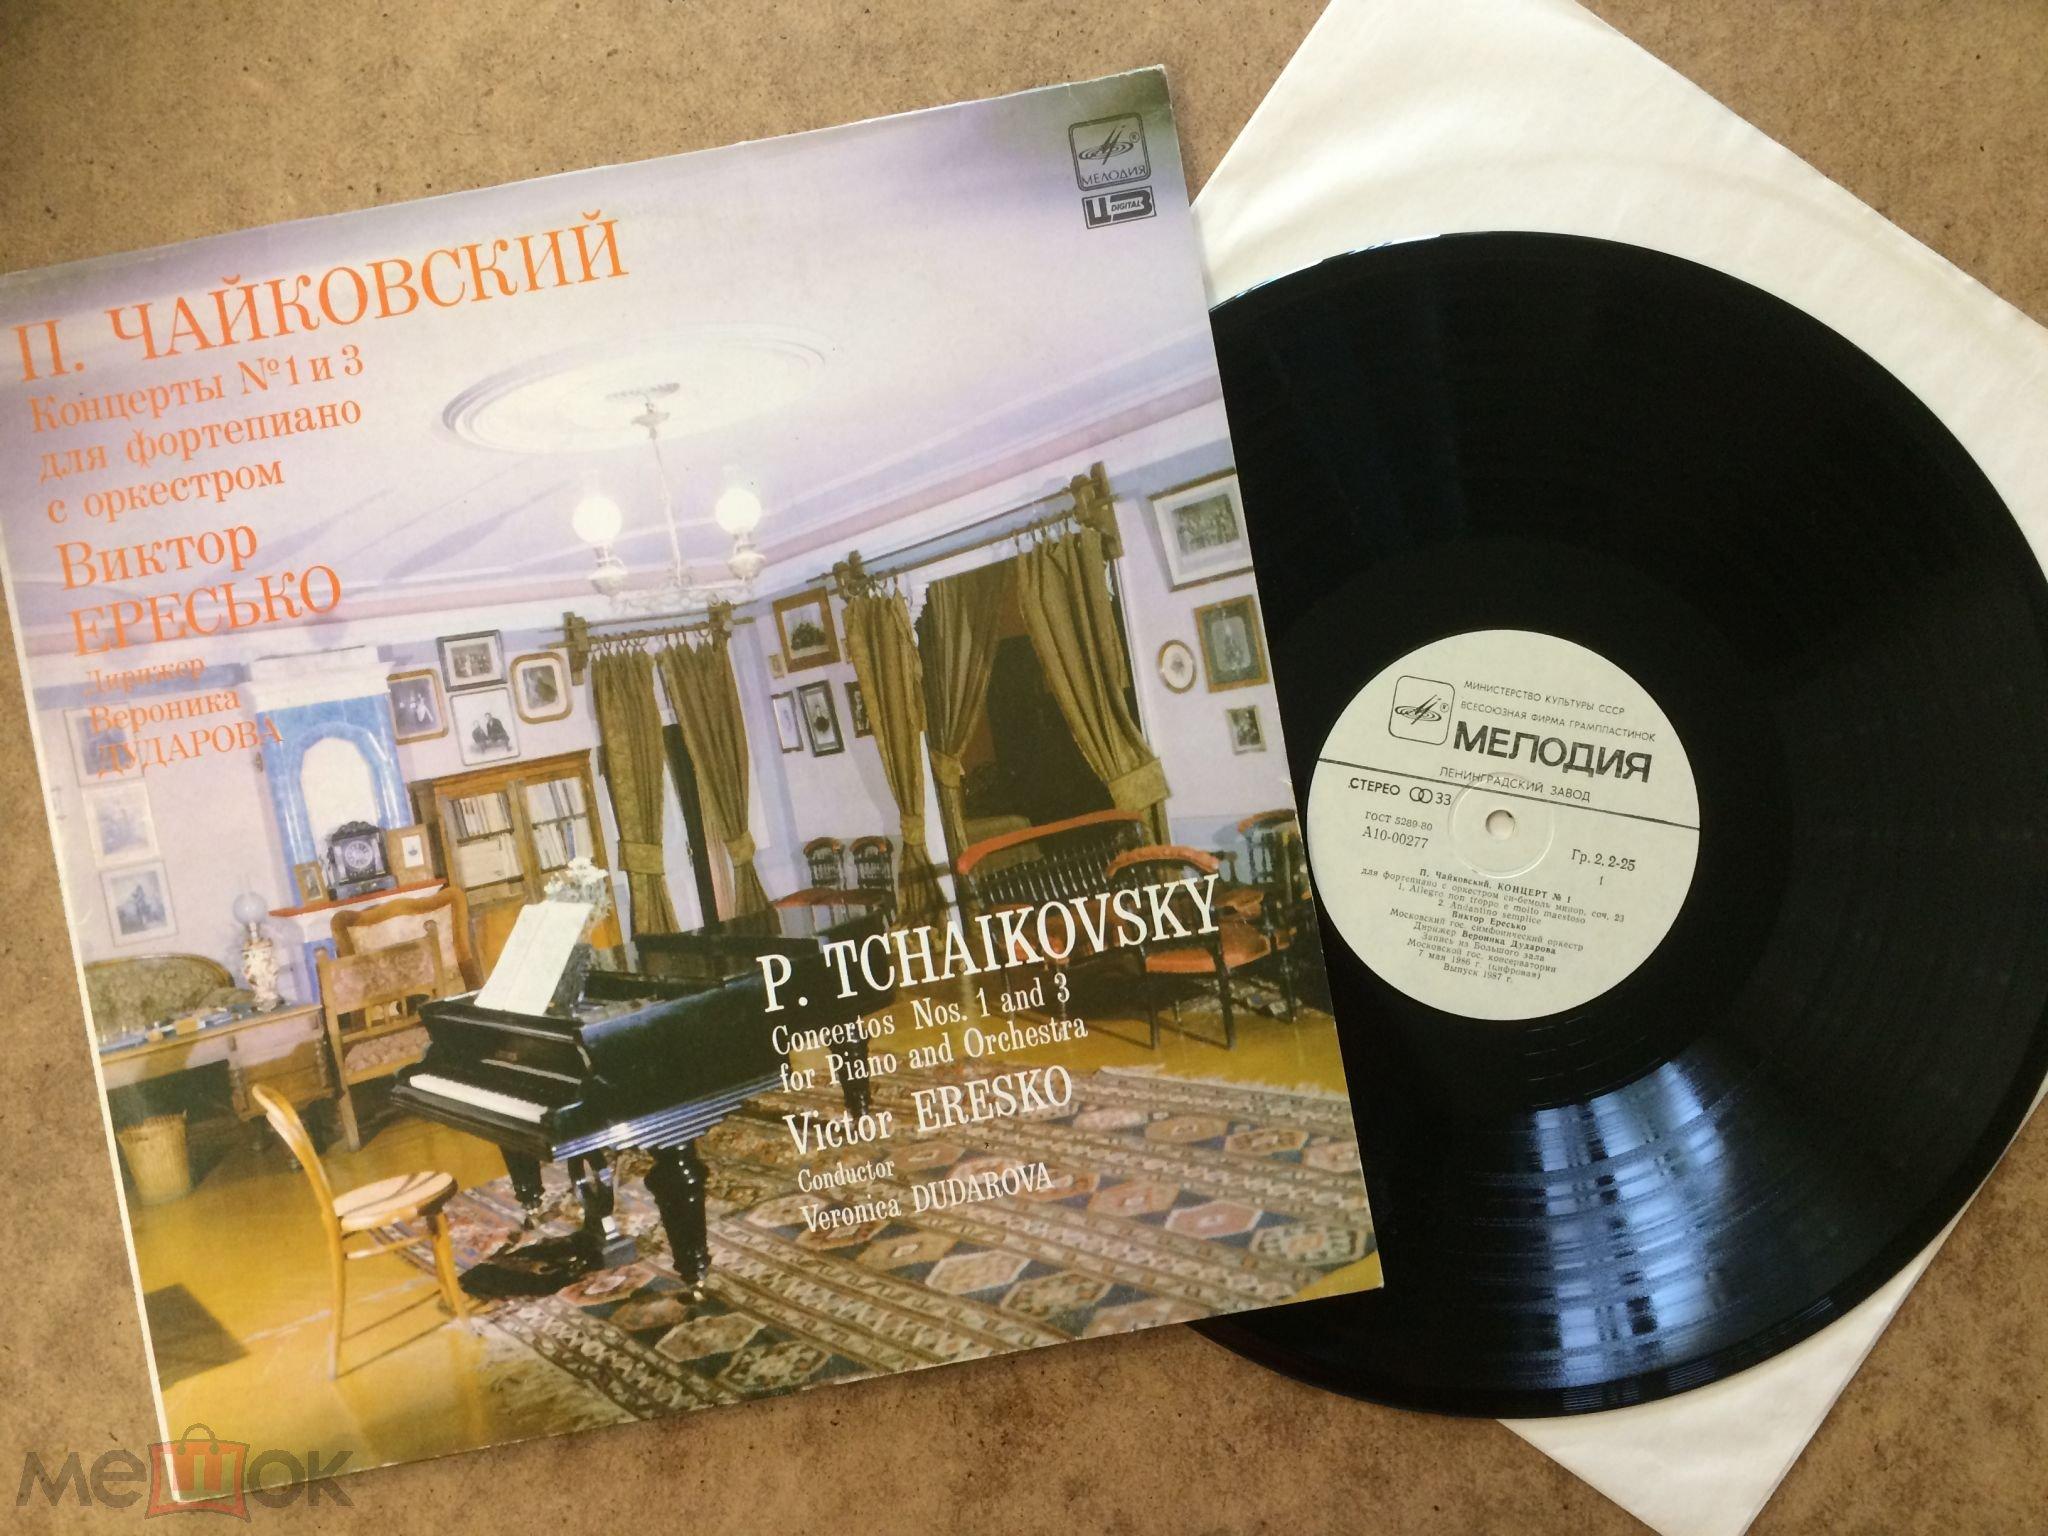 П.И .ЧАЙКОВСКИЙ -КОНЦЕРТЫ №1 и №3 / LP / EX+ / EX+